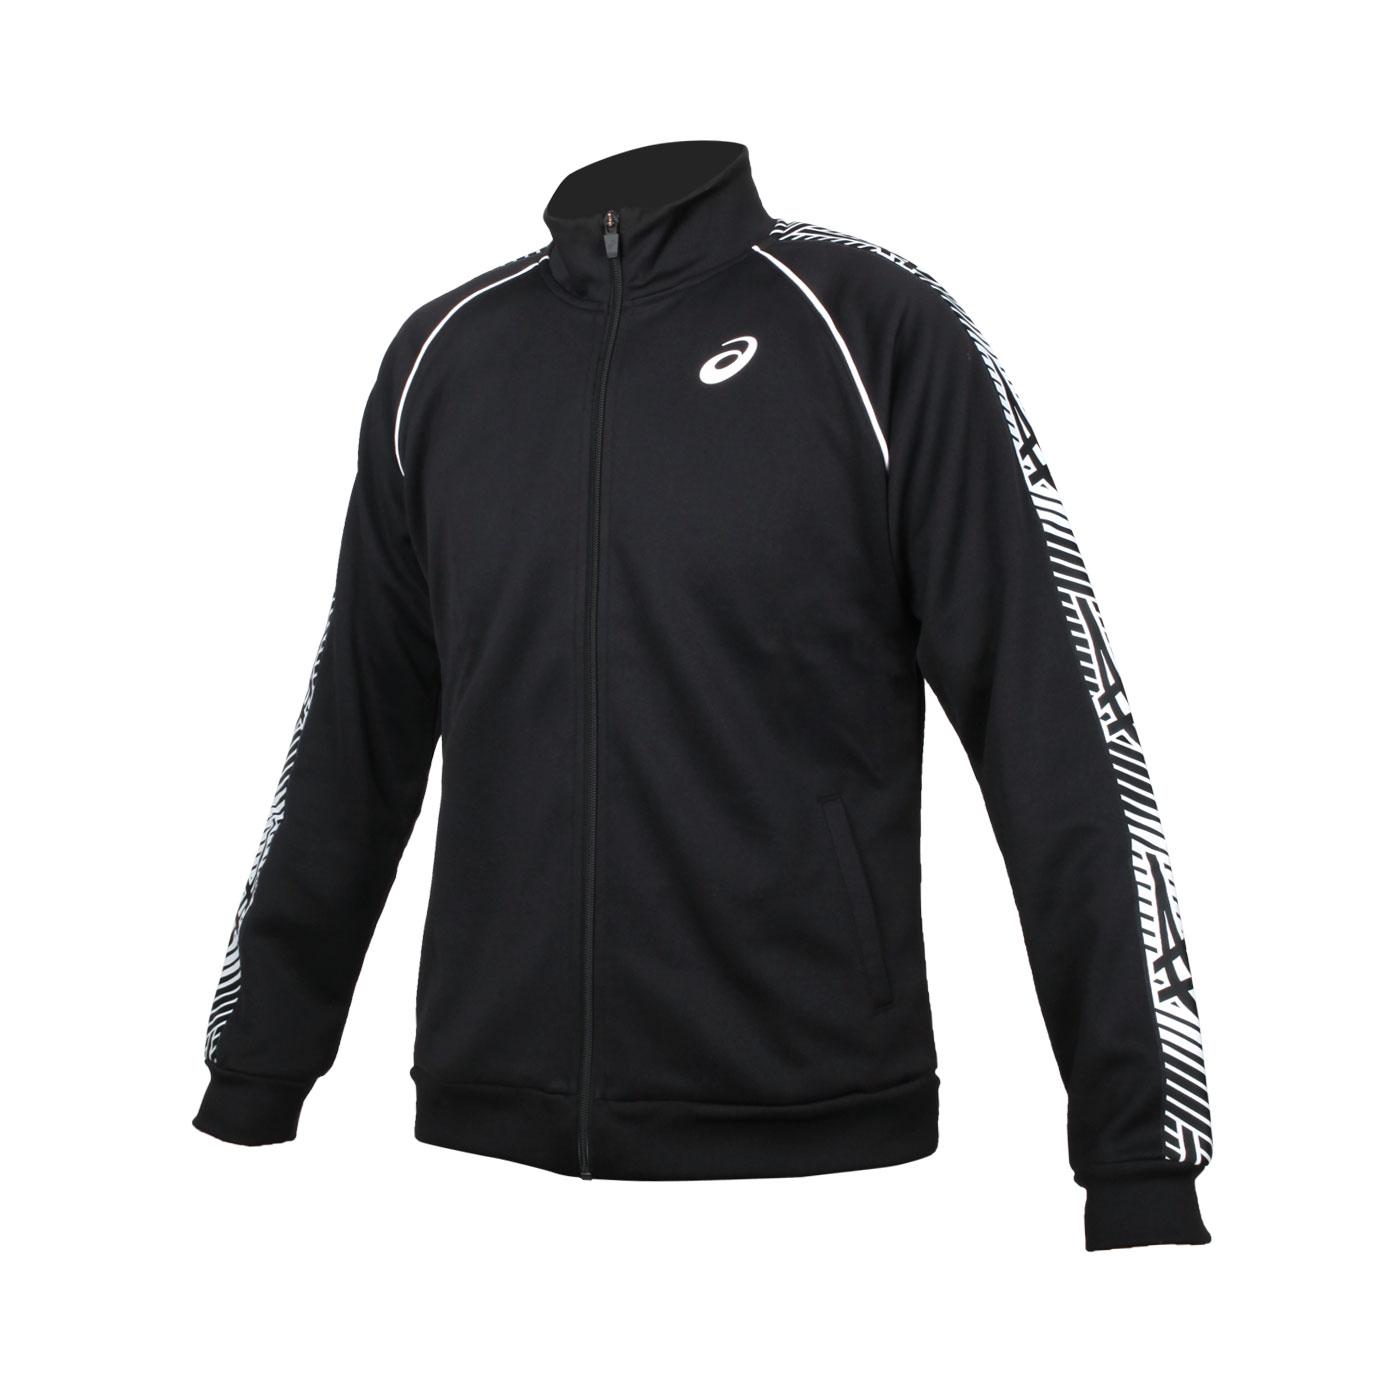 ASICS 男款針織外套 K32018-90 - 黑白